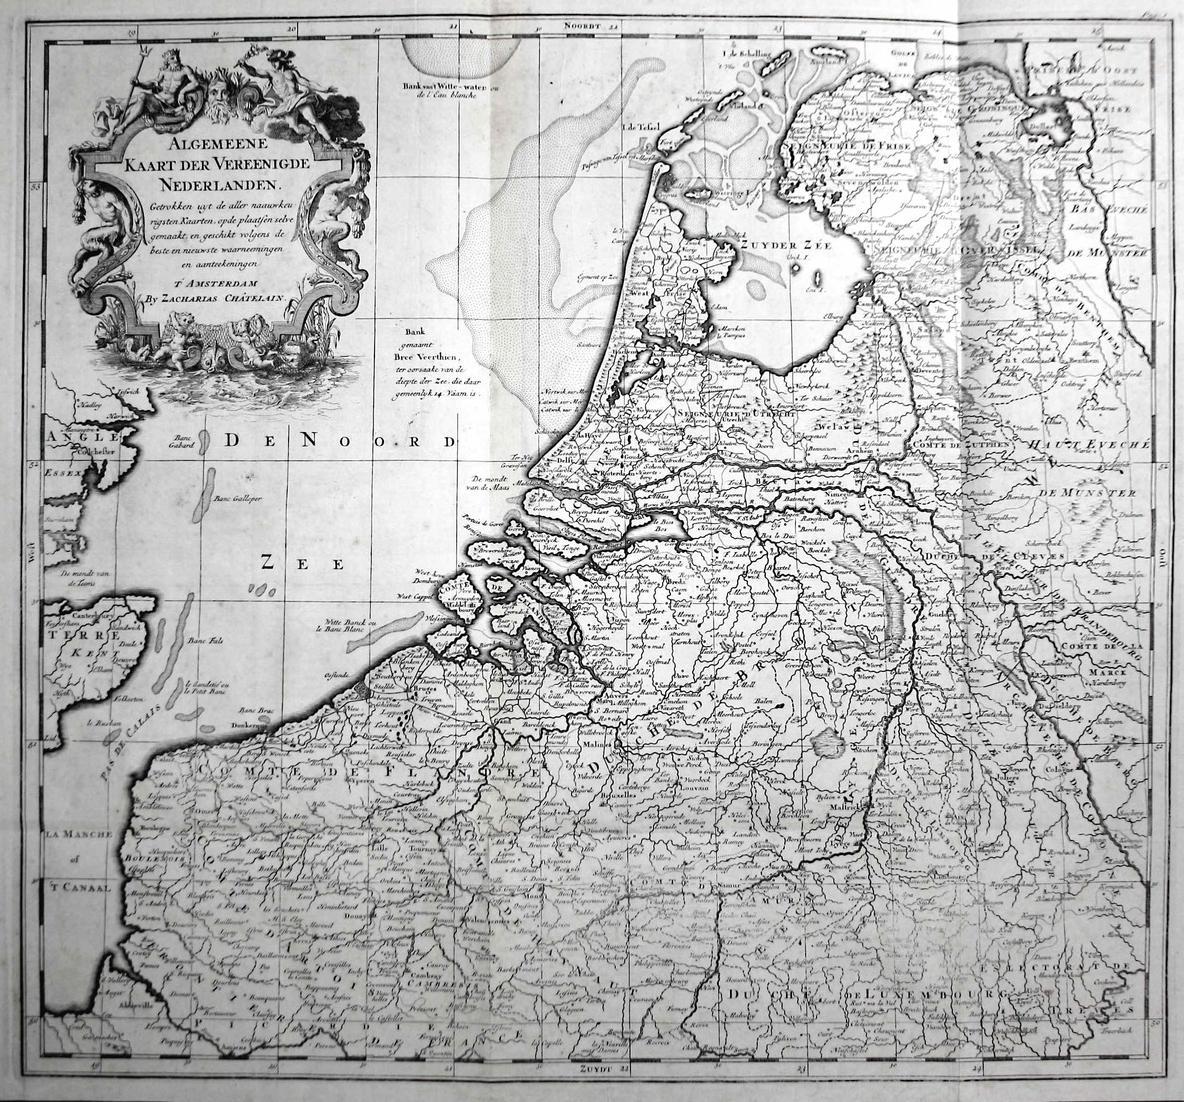 Algemeene Kaart der Vereenigde Nederlanden - Nederland Holland Niederlande Netherlands Chatelain map Karte car